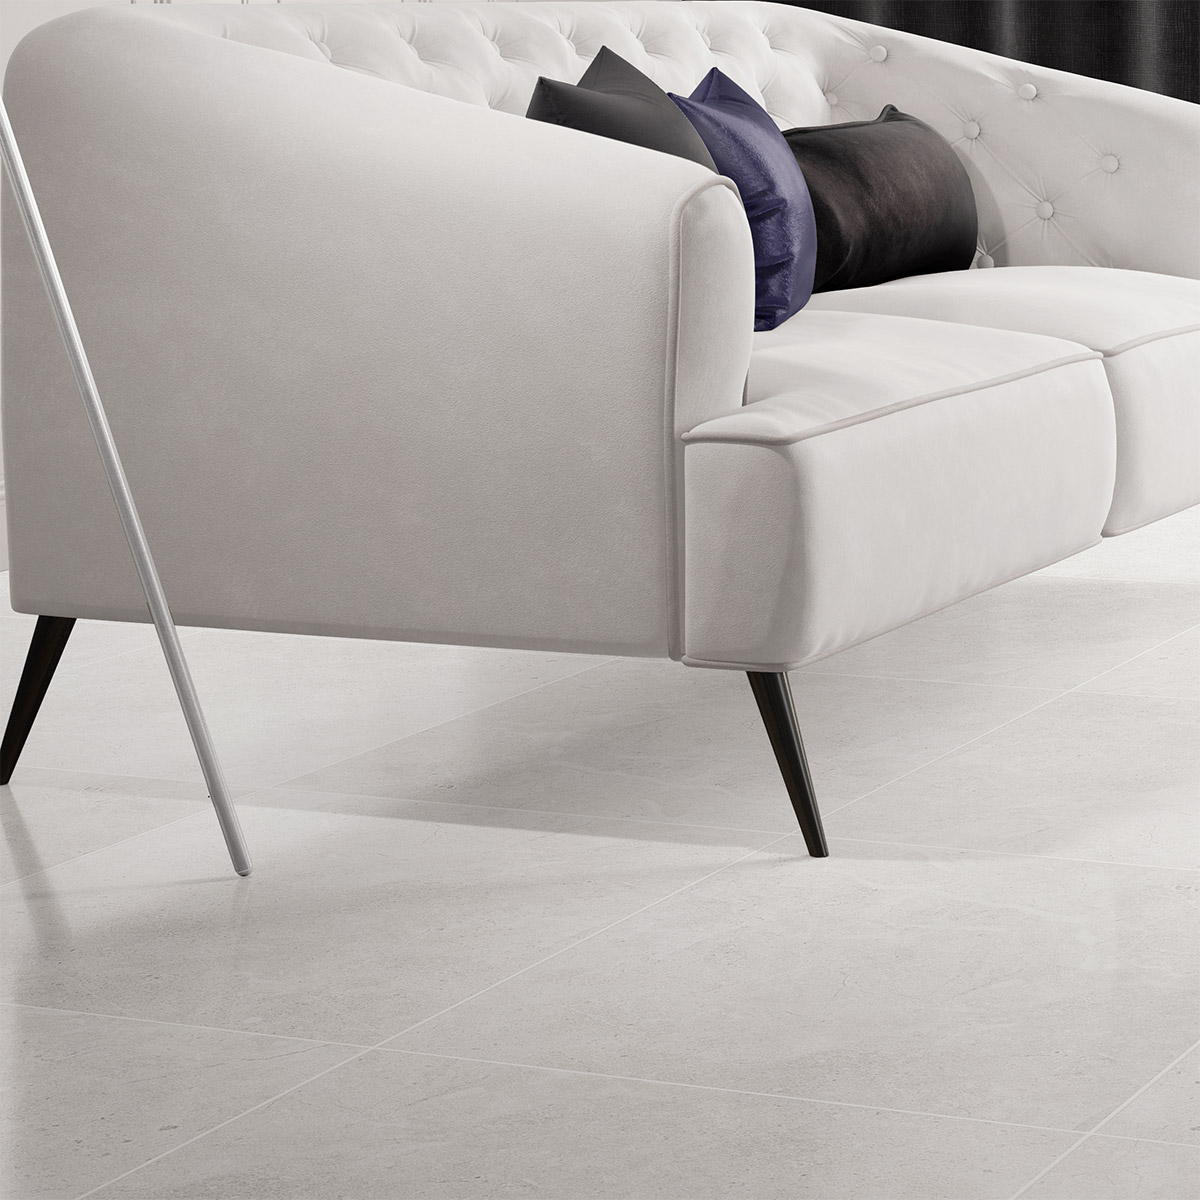 Bora Polished tiles